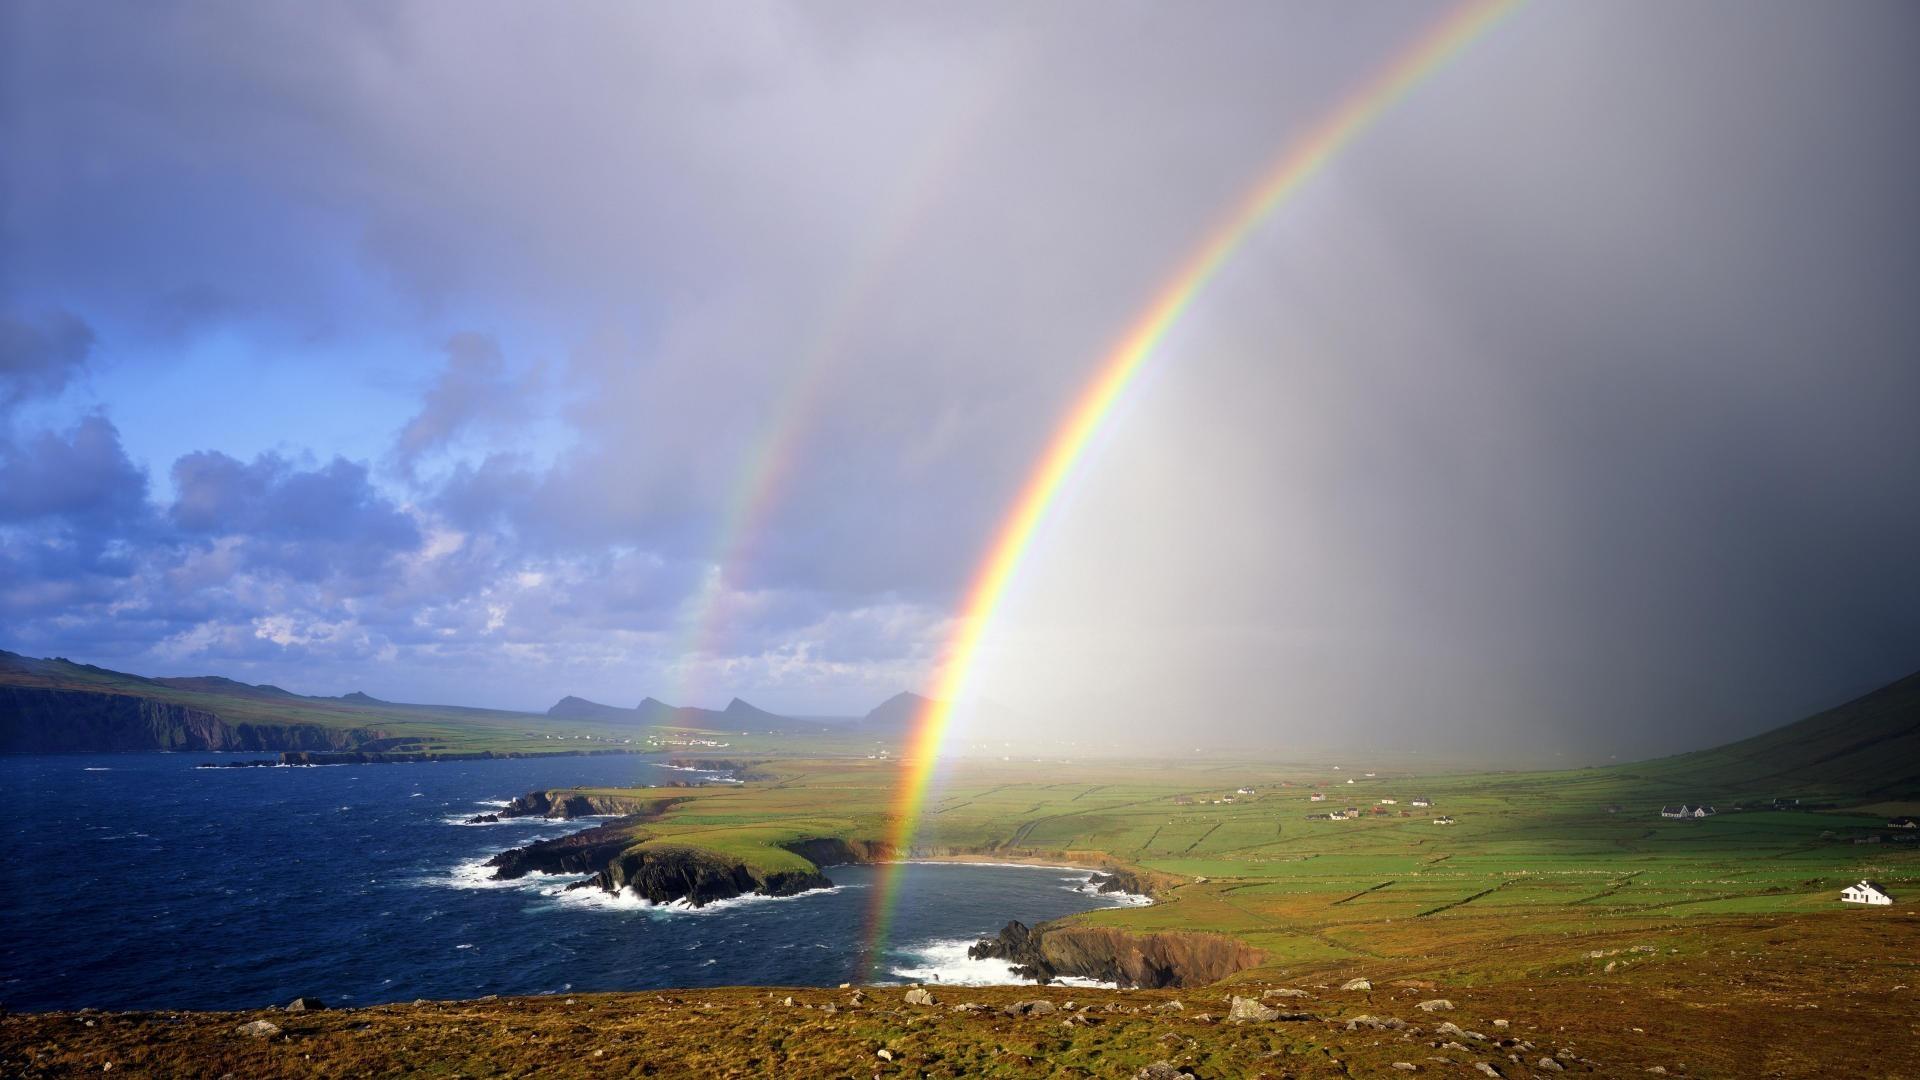 Coloriage Paysage Arc En Ciel.Coloriage Arc En Ciel Gratuit A Imprimer Et Colorier